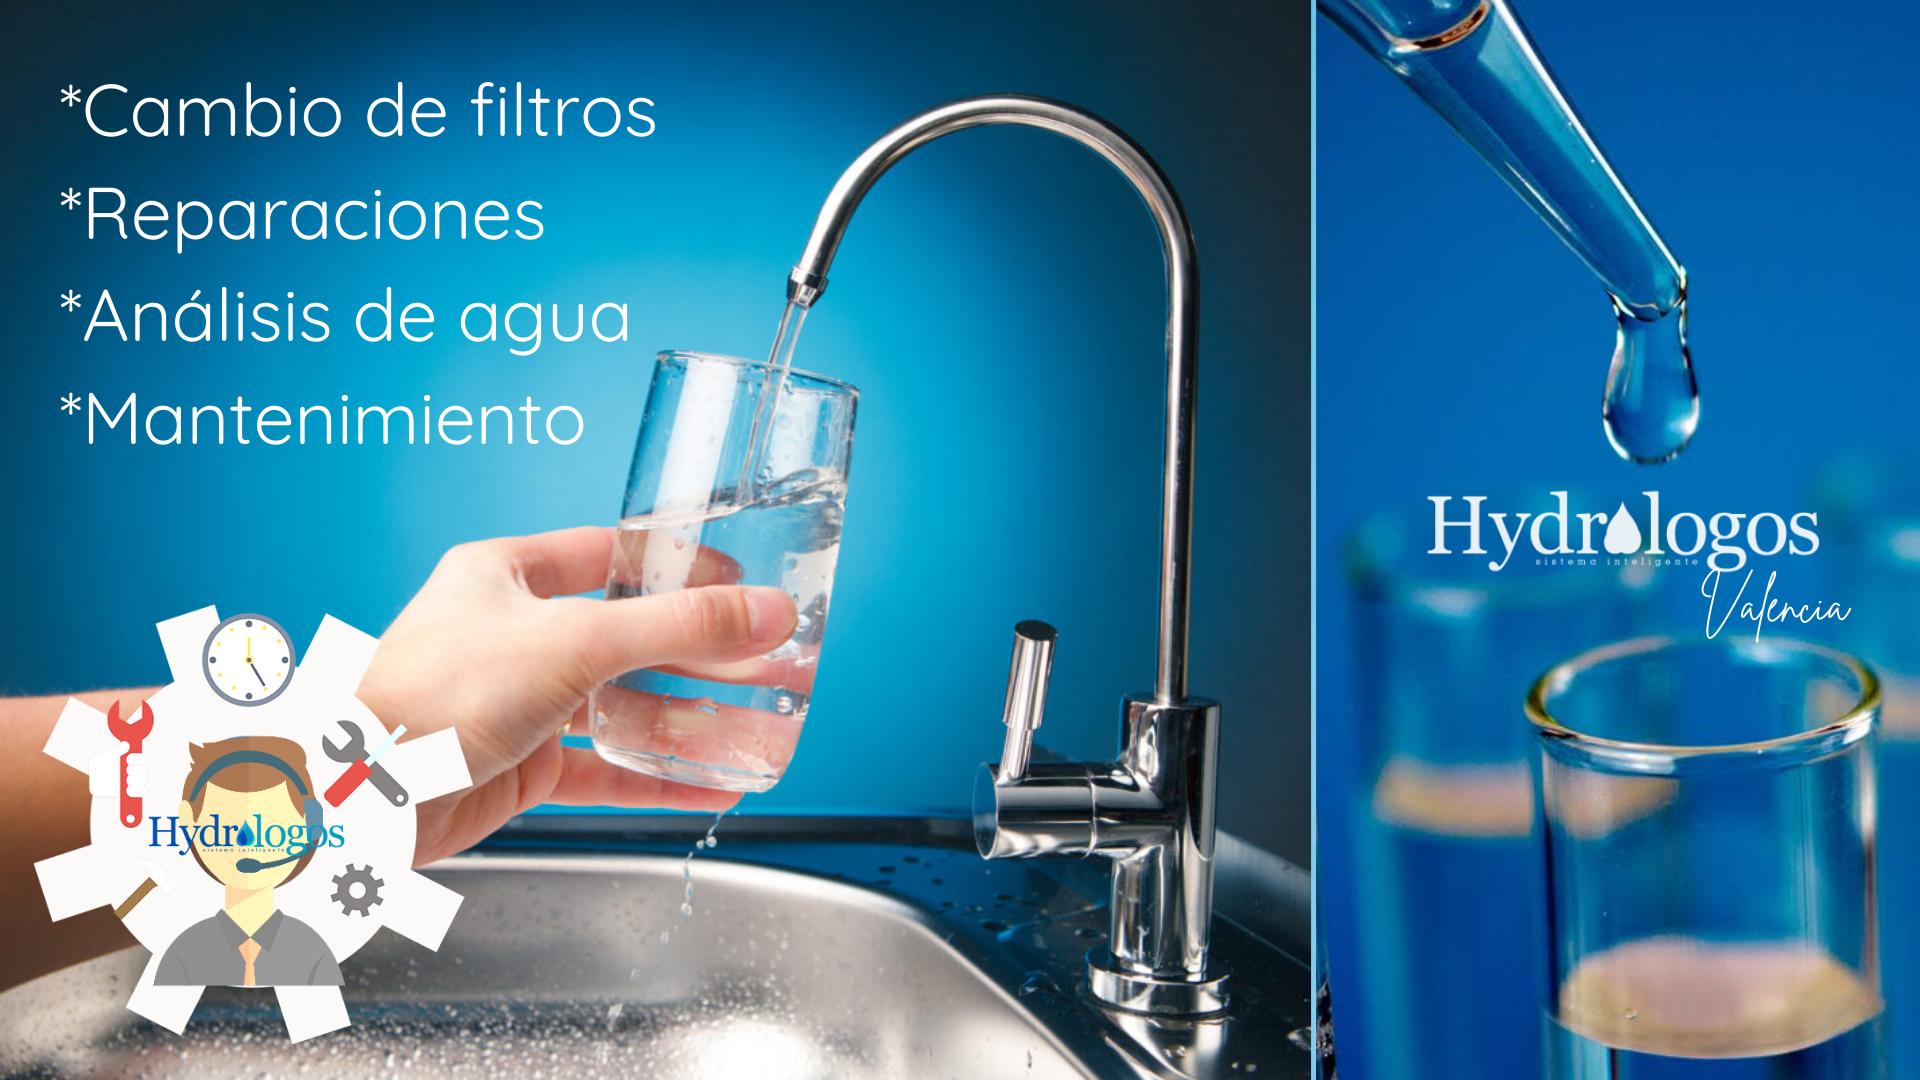 Cambio de filtros Reparación Análisis de agua Mantenimiento_Hydrologos_Valencia